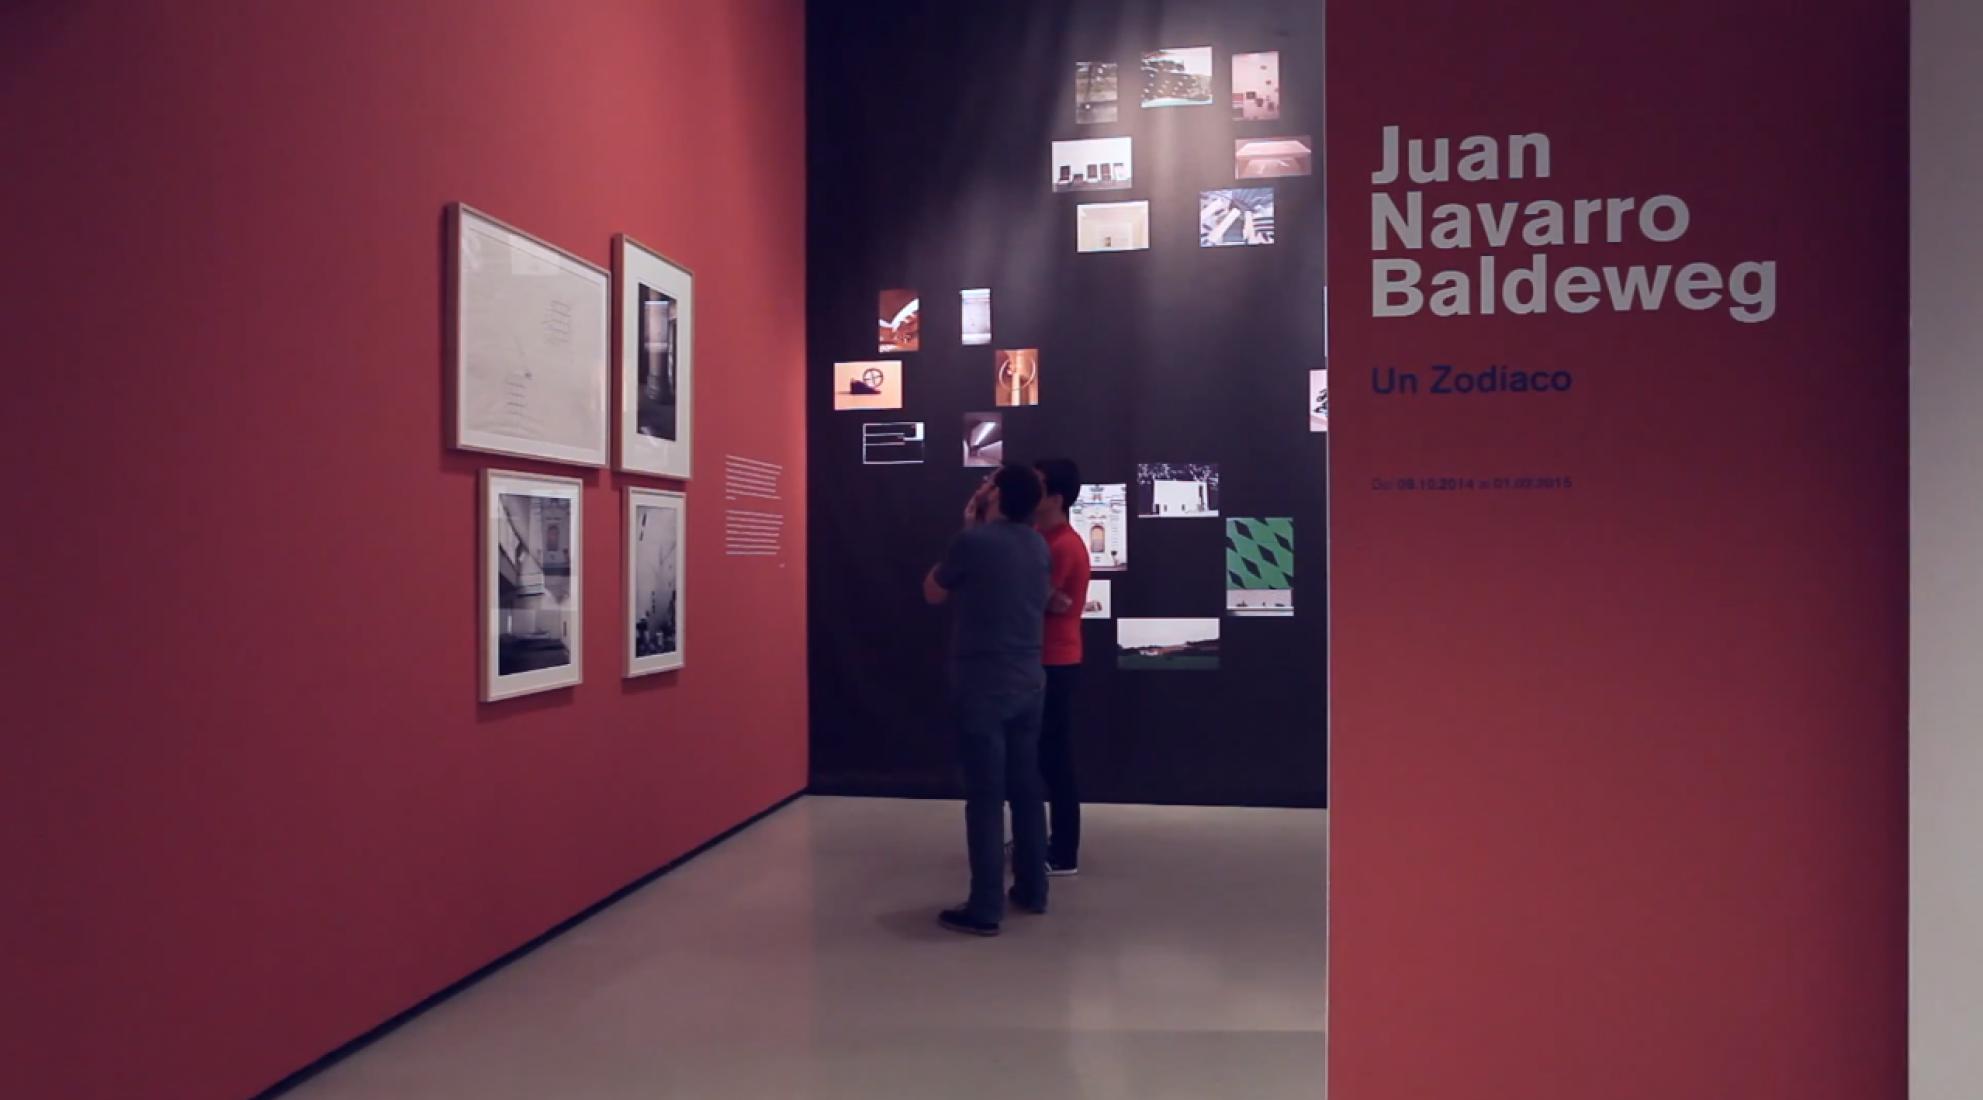 Imágenes de la exposición, Un Zodíaco. Juan Navarro Baldeweg.